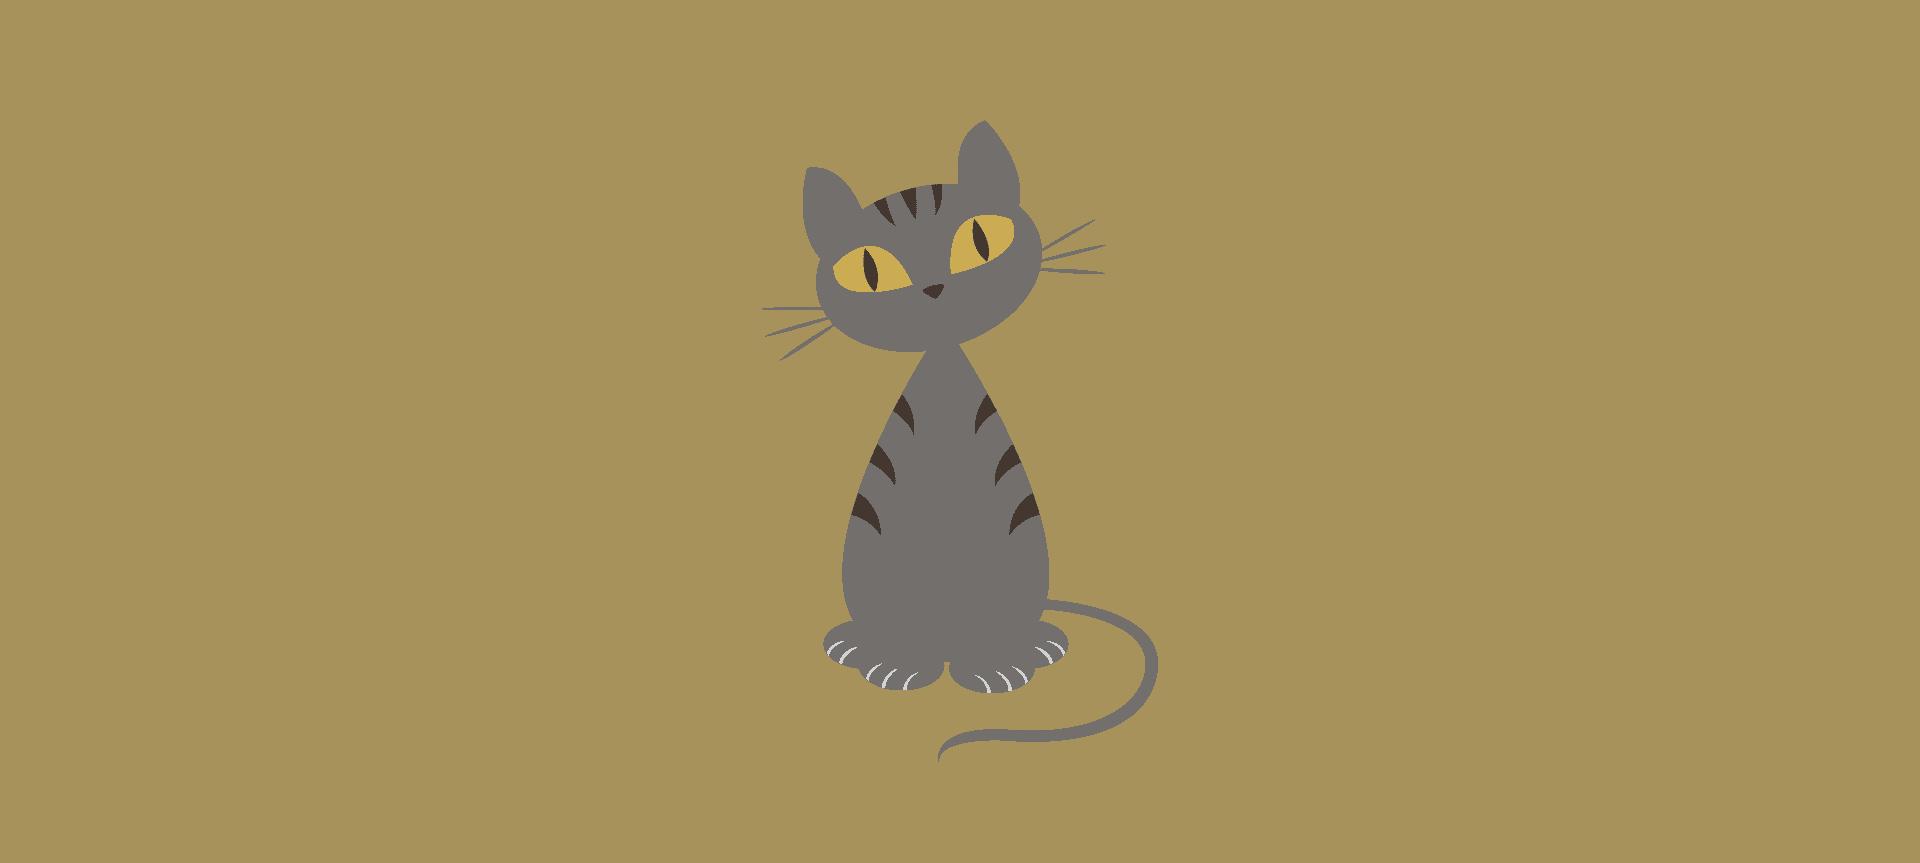 Katze Ronda Headerbild graphic